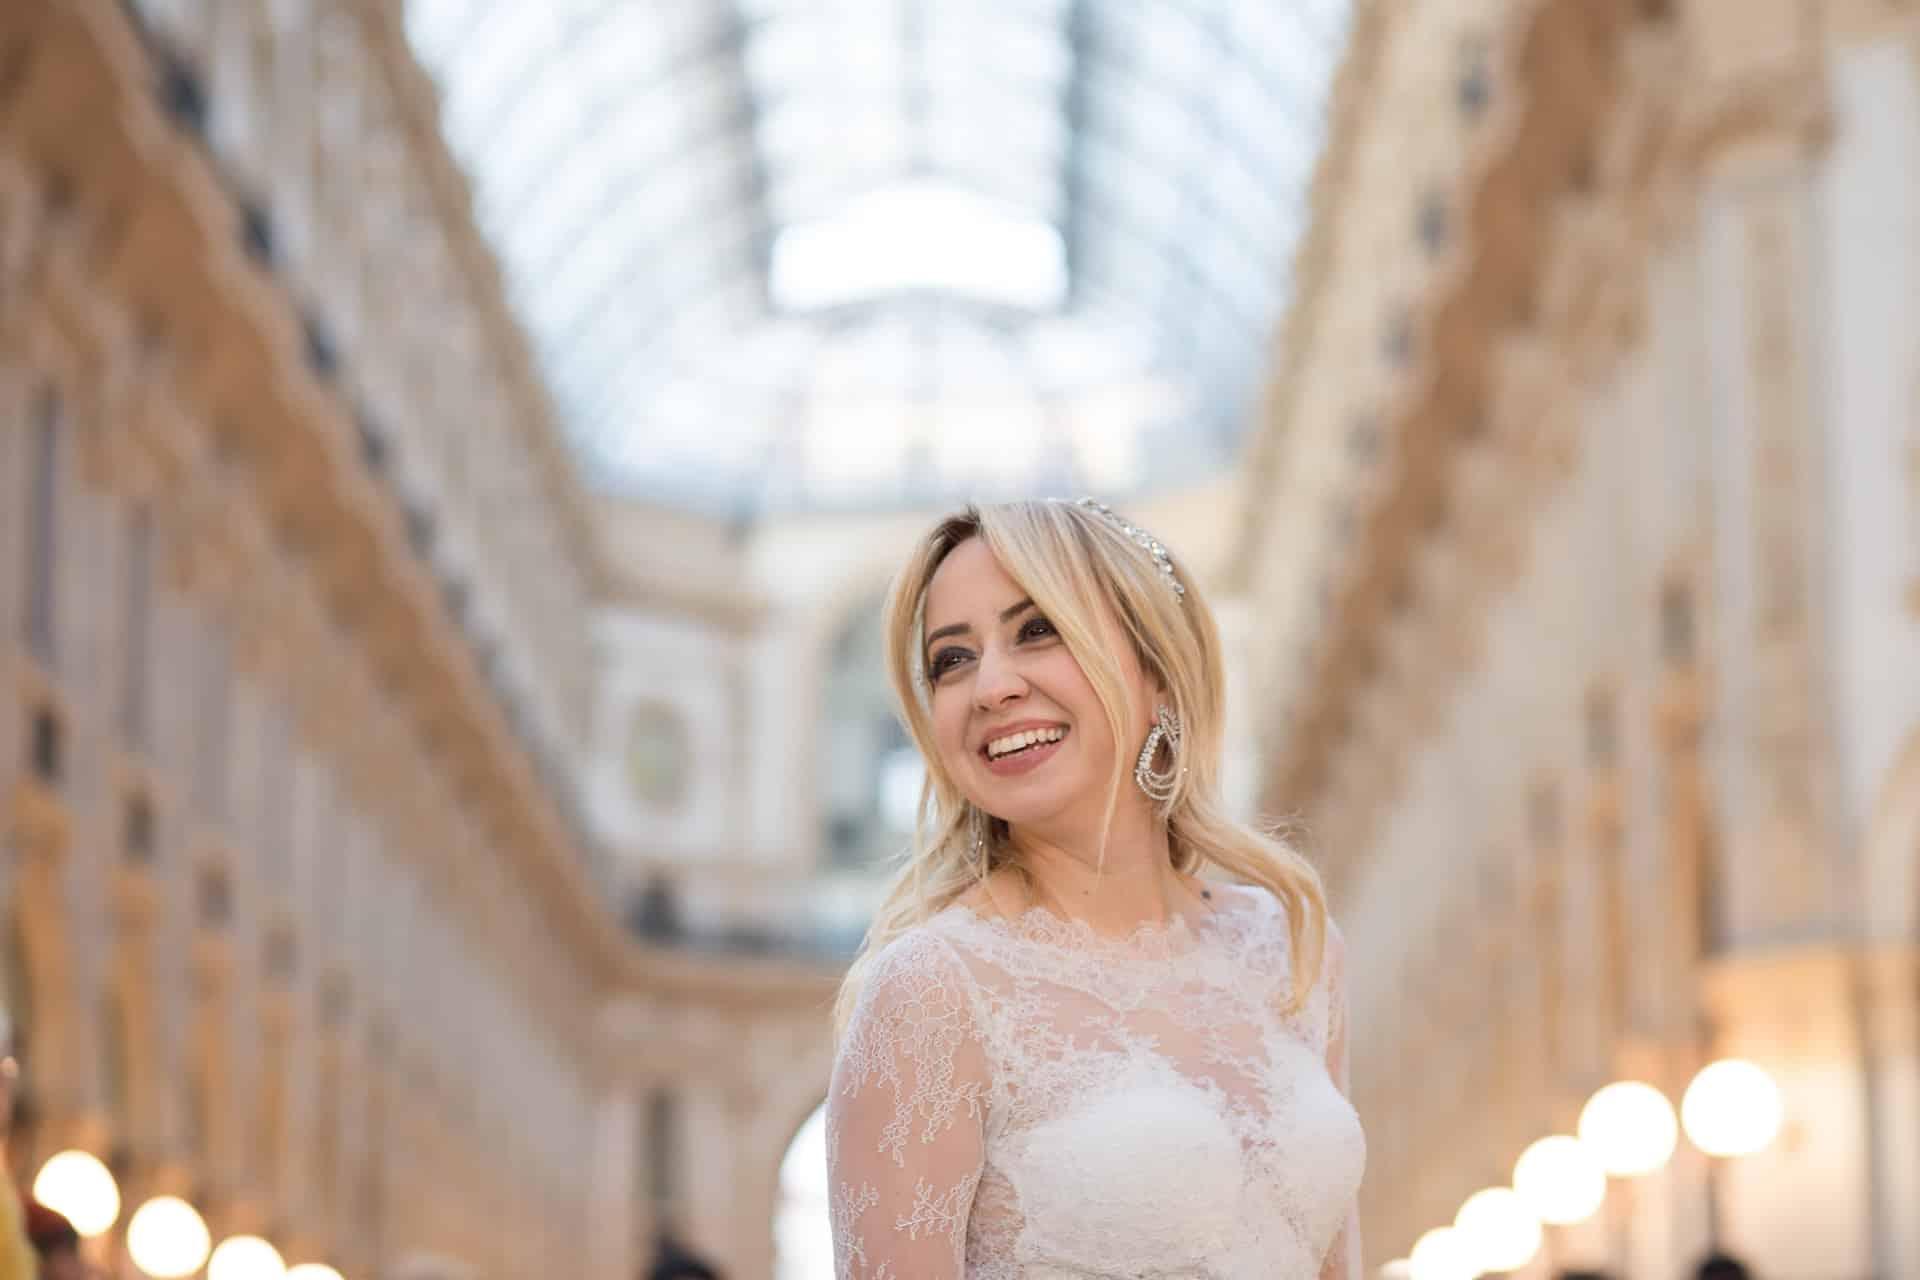 HOTEL DEI CAVALIERI - MILANO - MATRIMONIO TURCO estella lanti